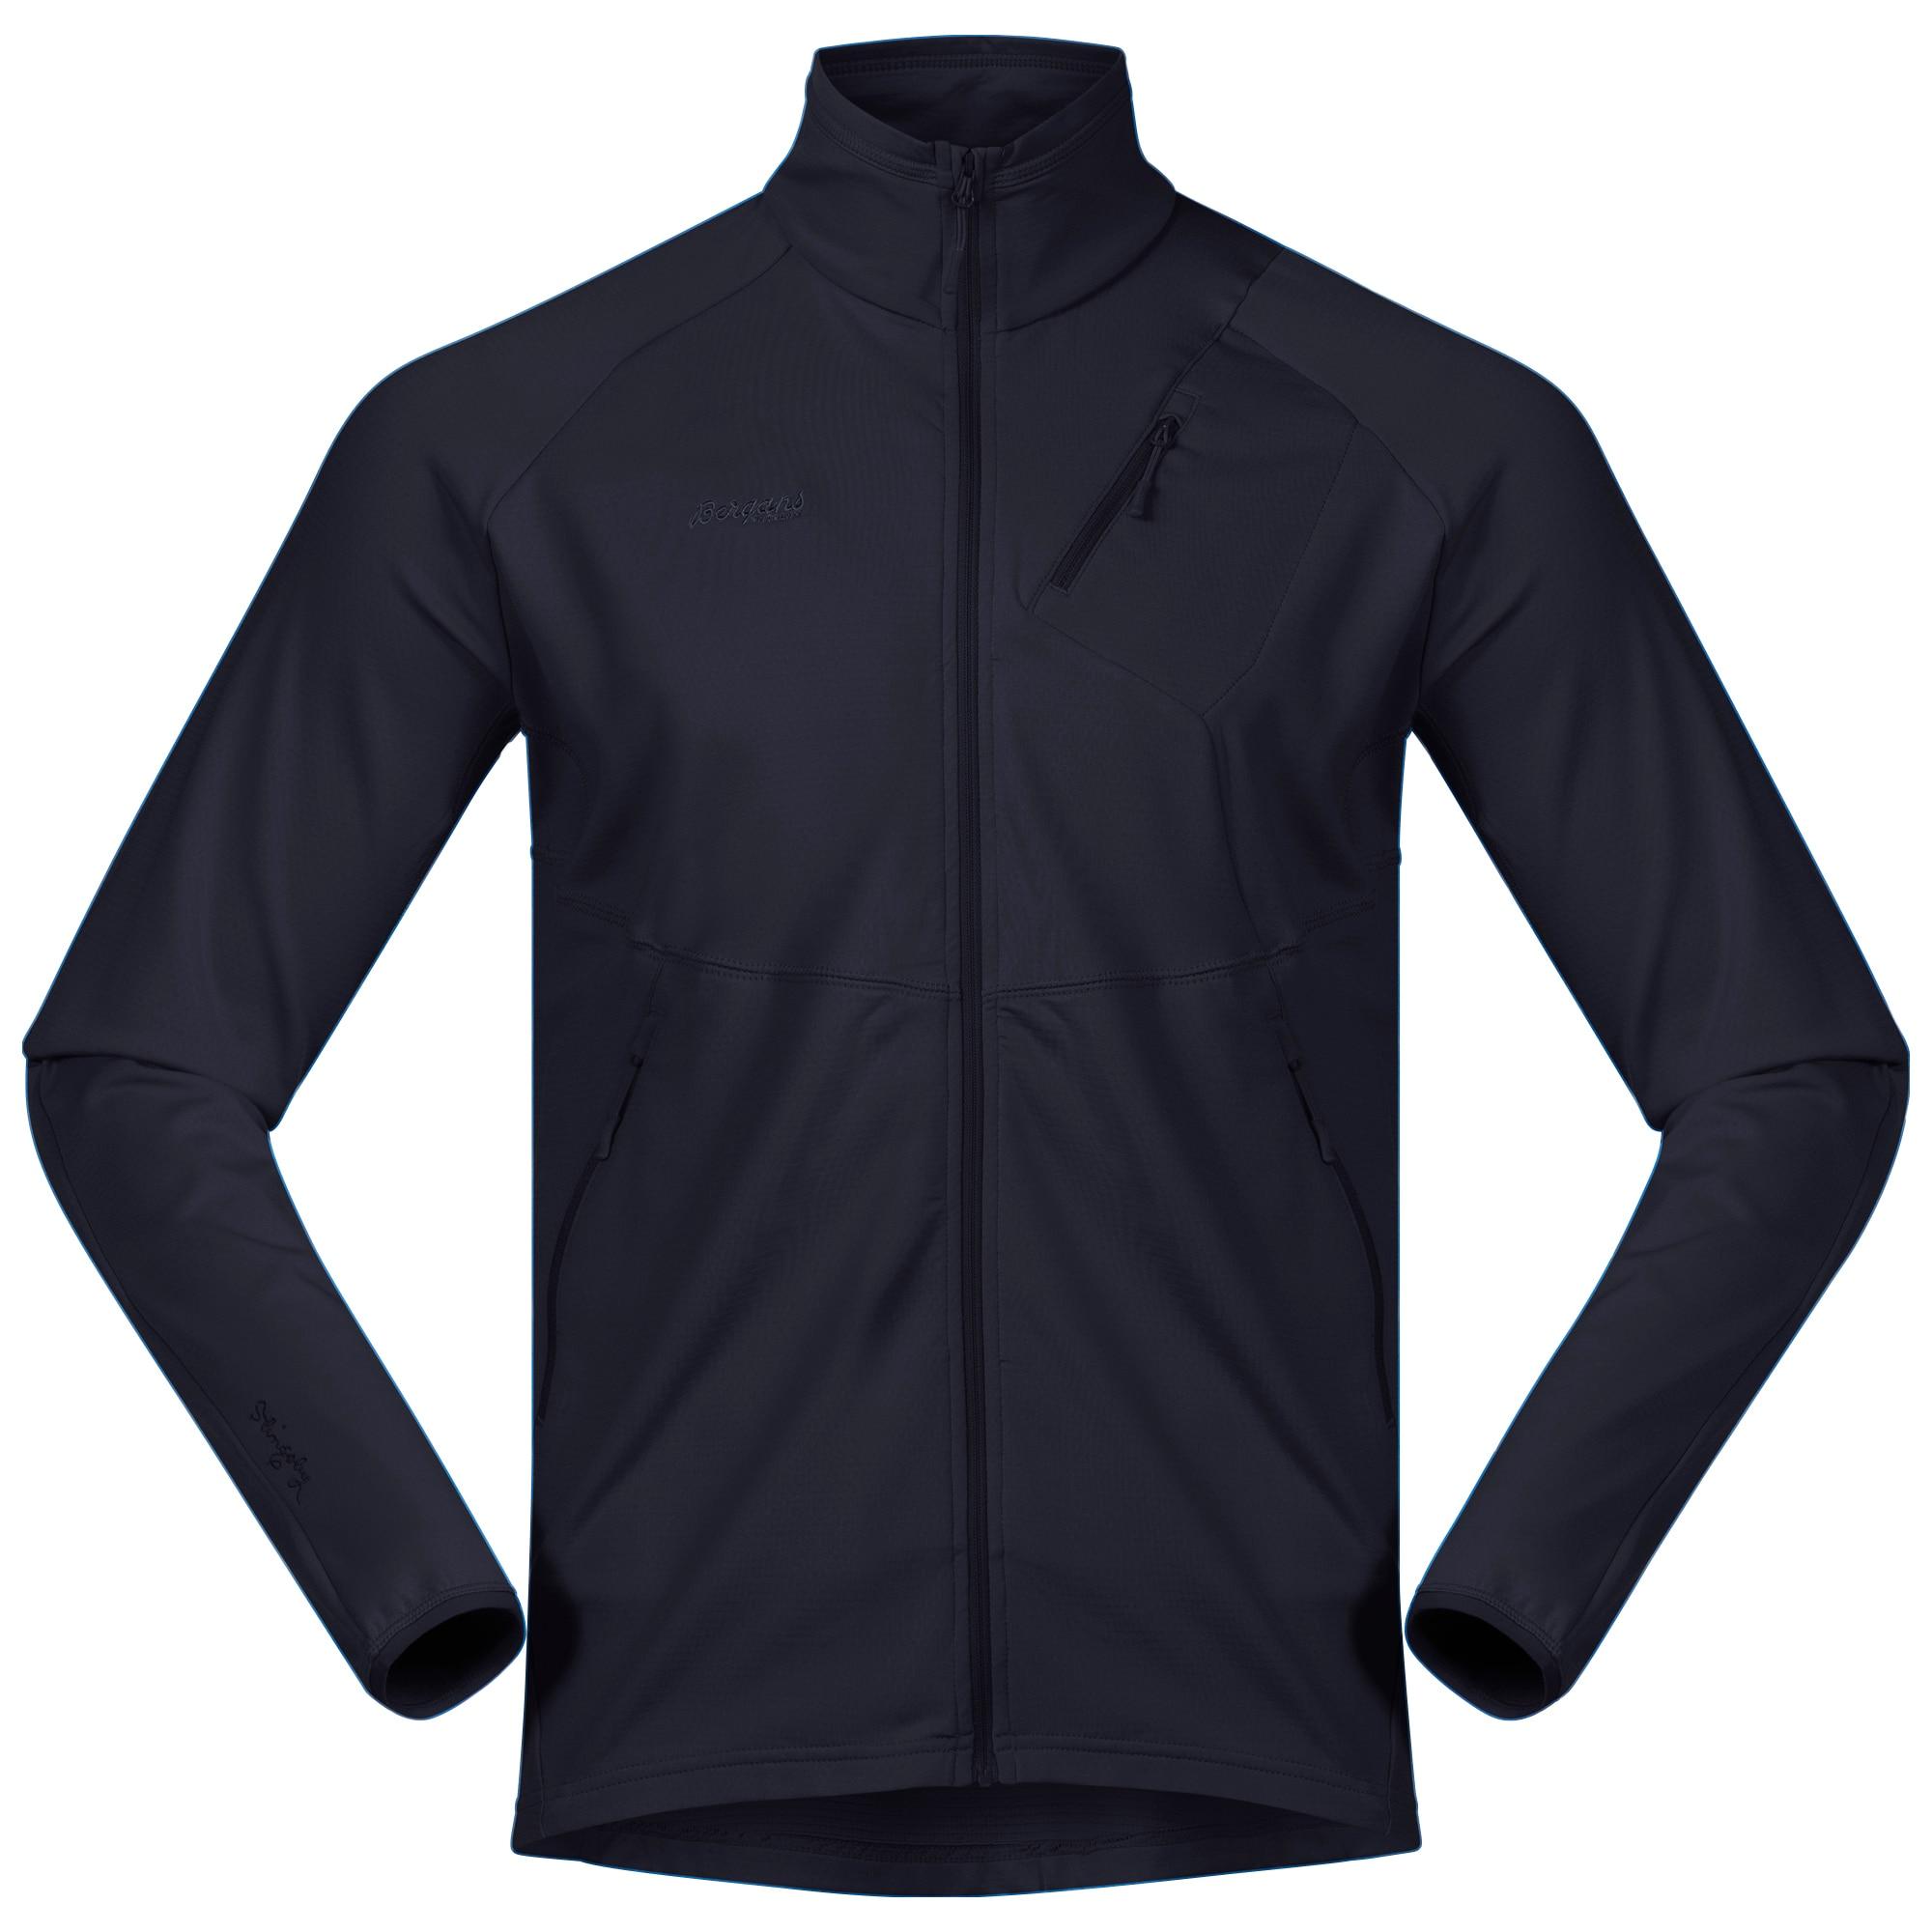 Galdebergtind Jacket